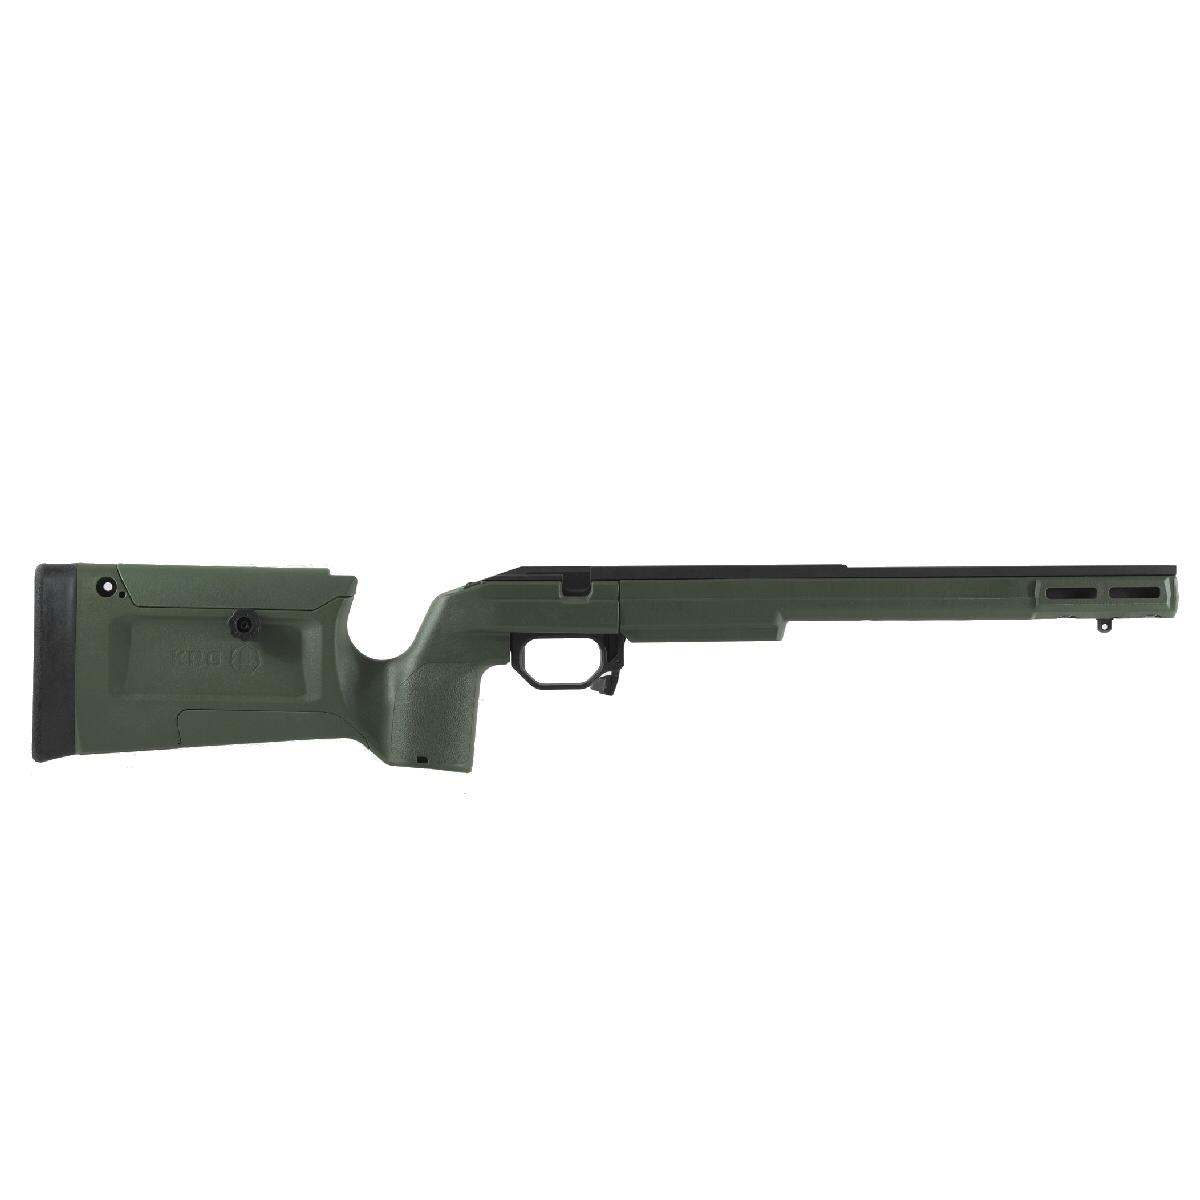 KRG Bravo Rifle Chassis Remington 700 SA Sako Green